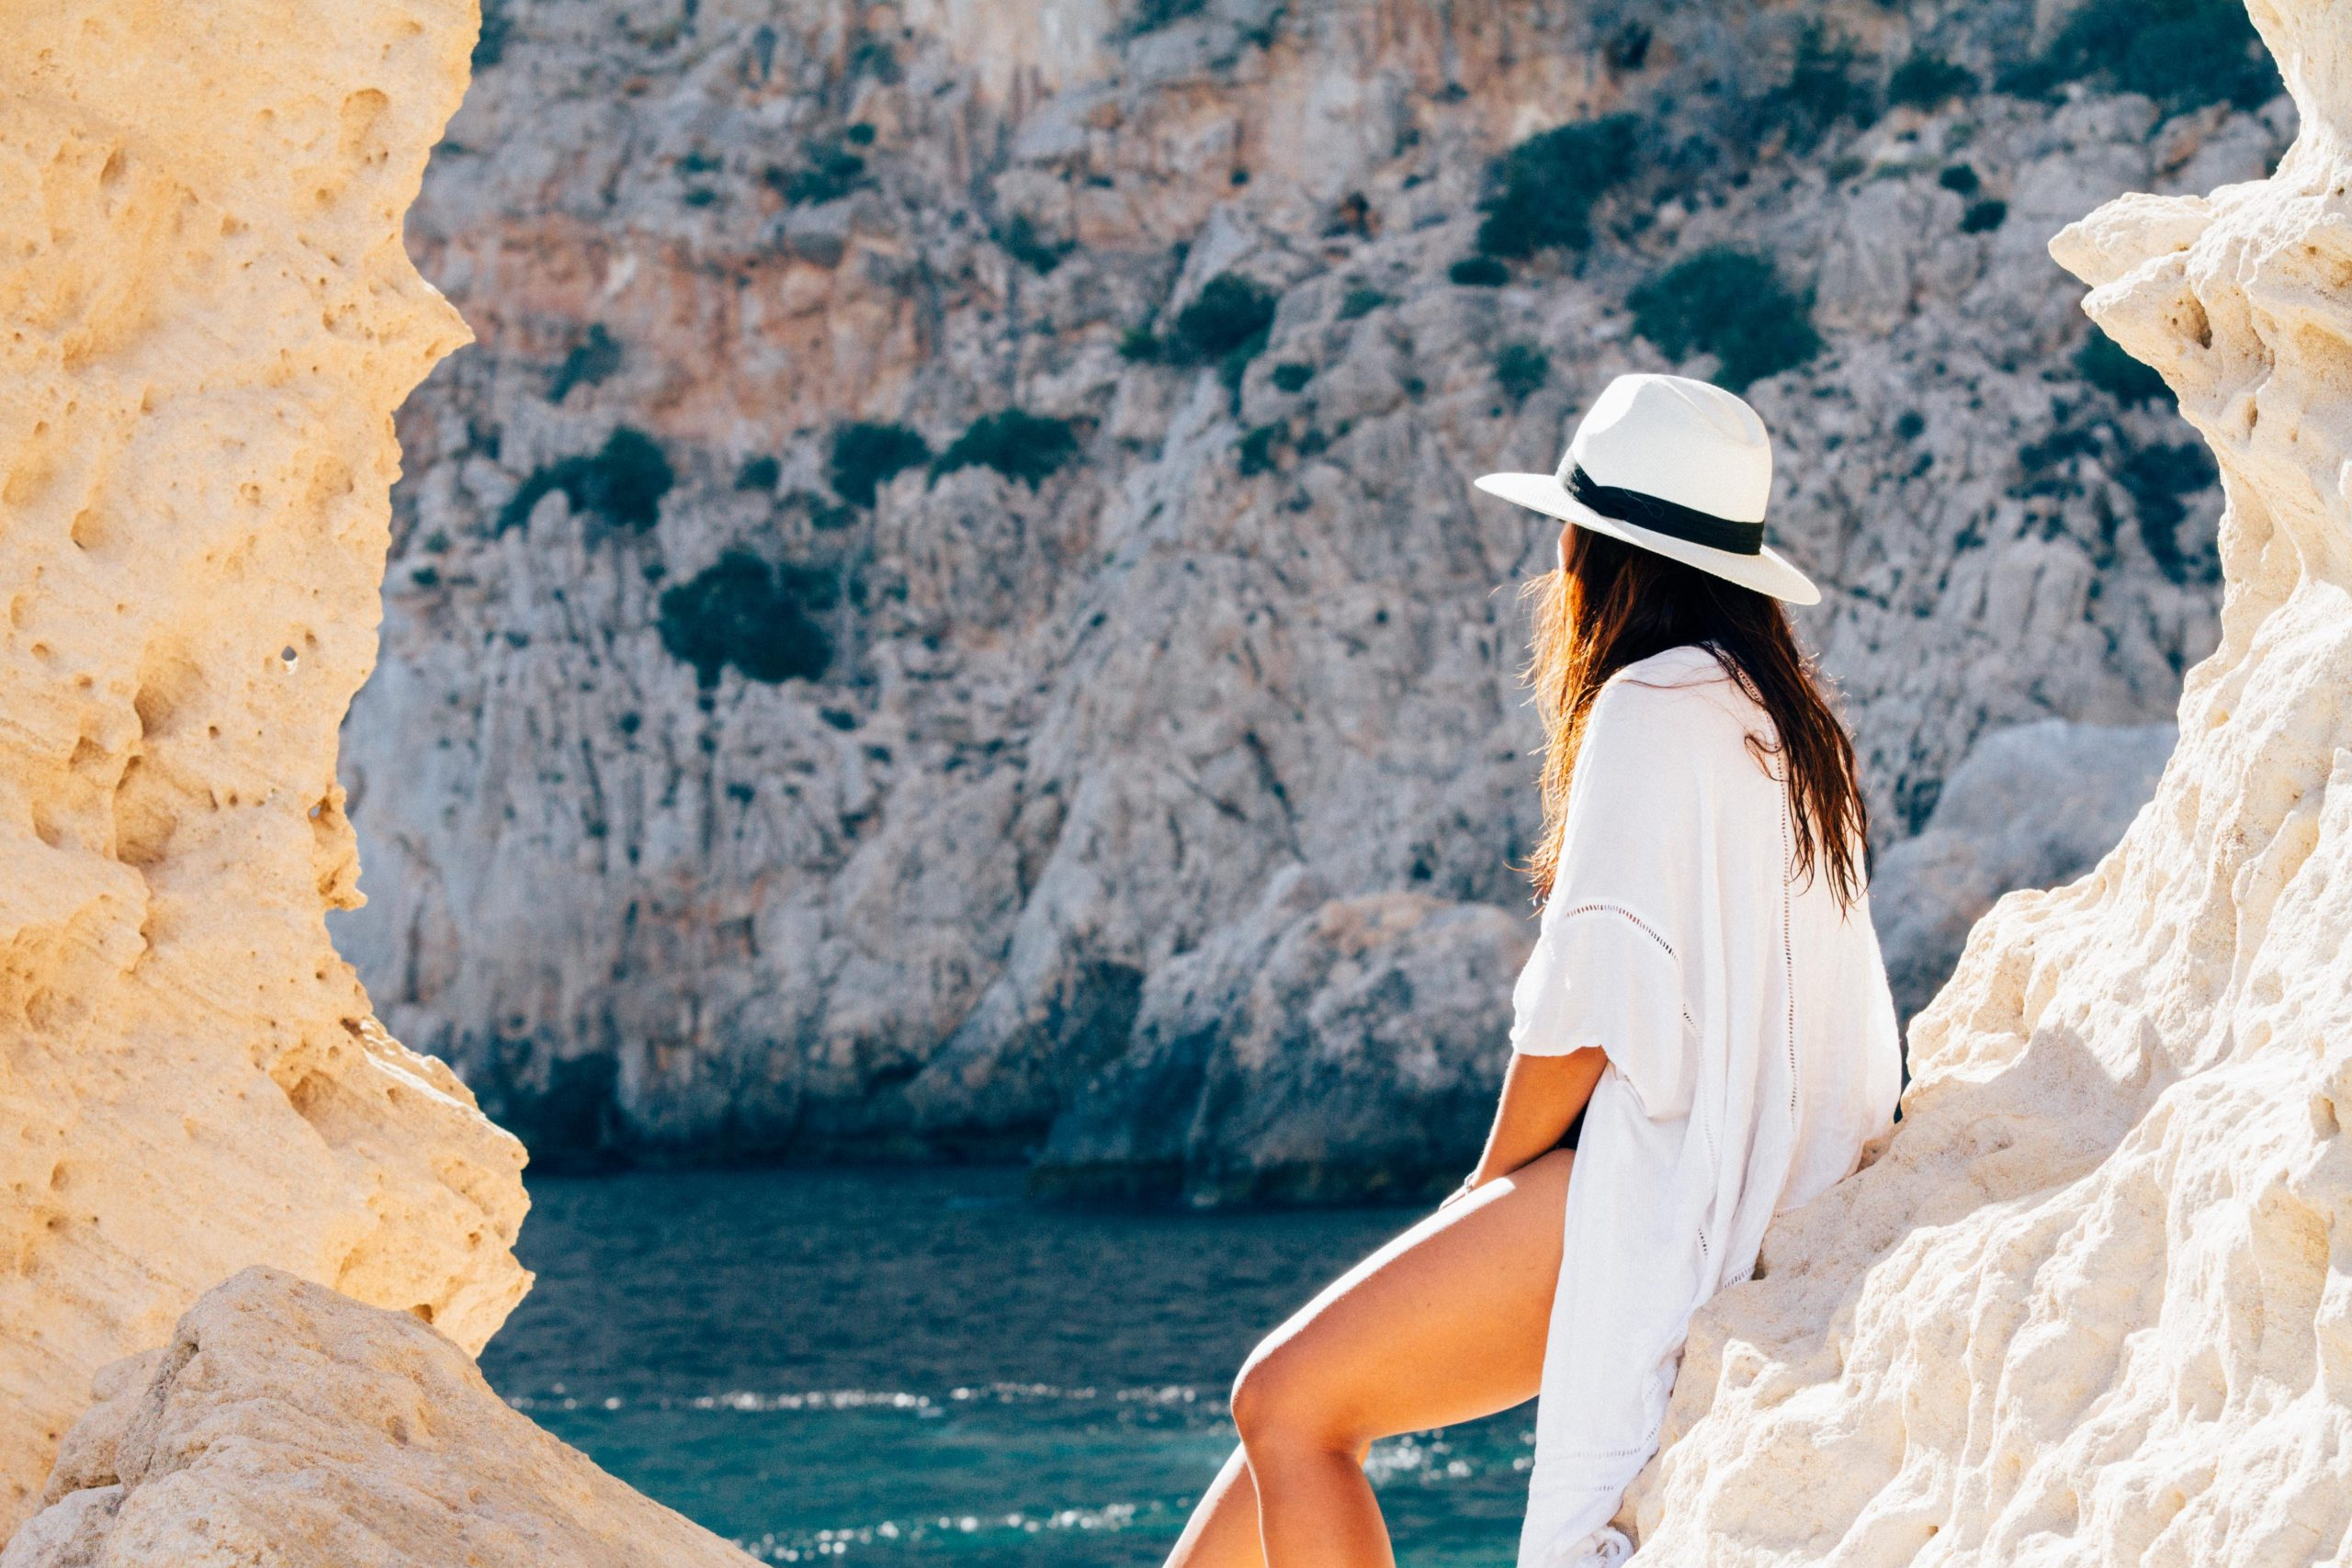 Na foto uma mulher usando uma roupa de praia com um chapéu panamá olhando para o mar.